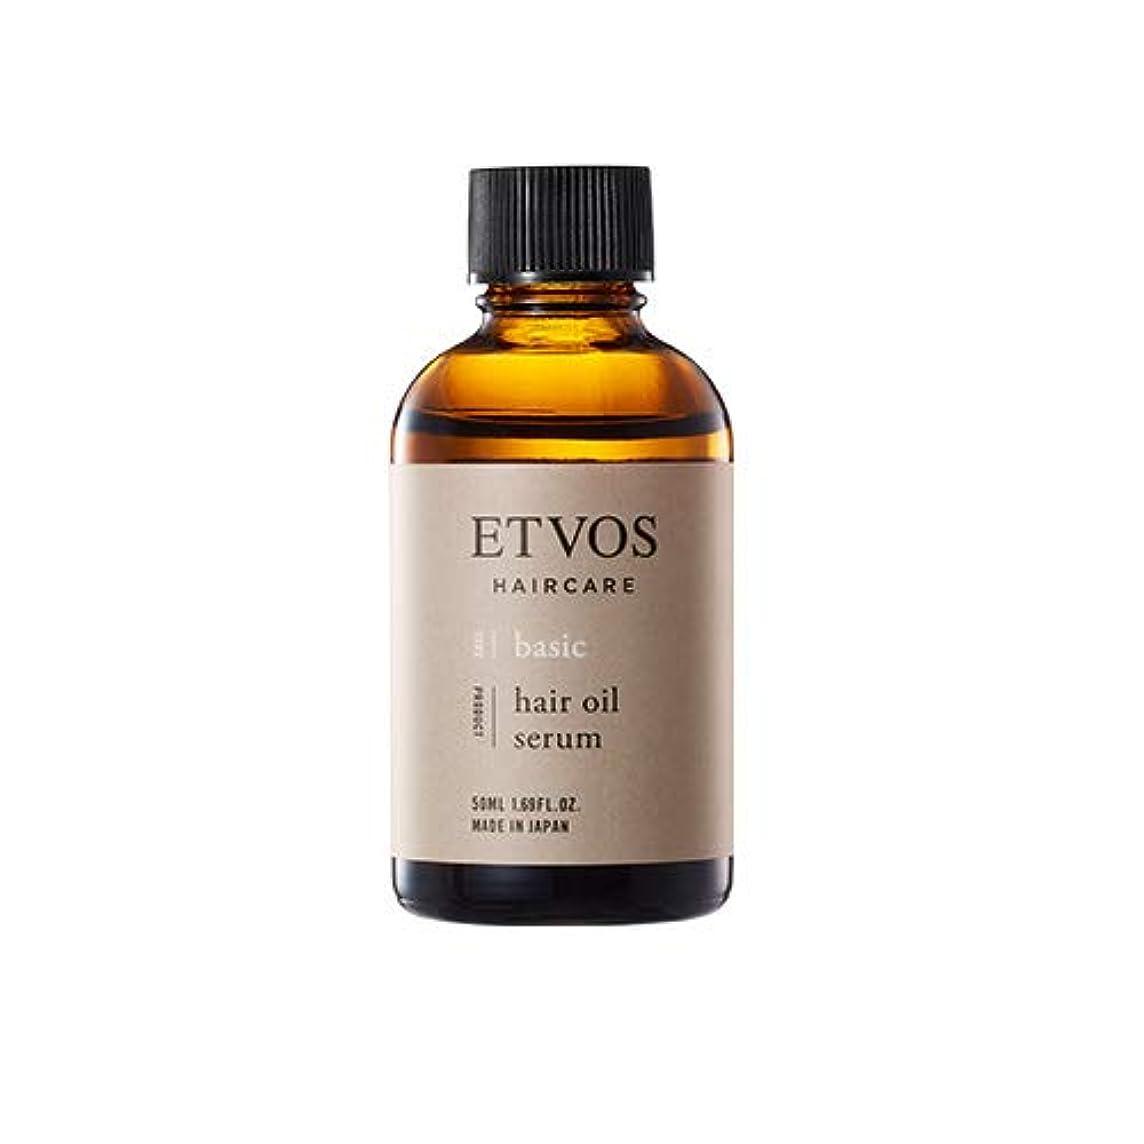 トレーニング虚栄心作成するETVOS(エトヴォス) ヘアオイルセラム 50ml ヘアスタイル 毛髪補修成分 乾燥 熱 ノンシリコン 美容オイル